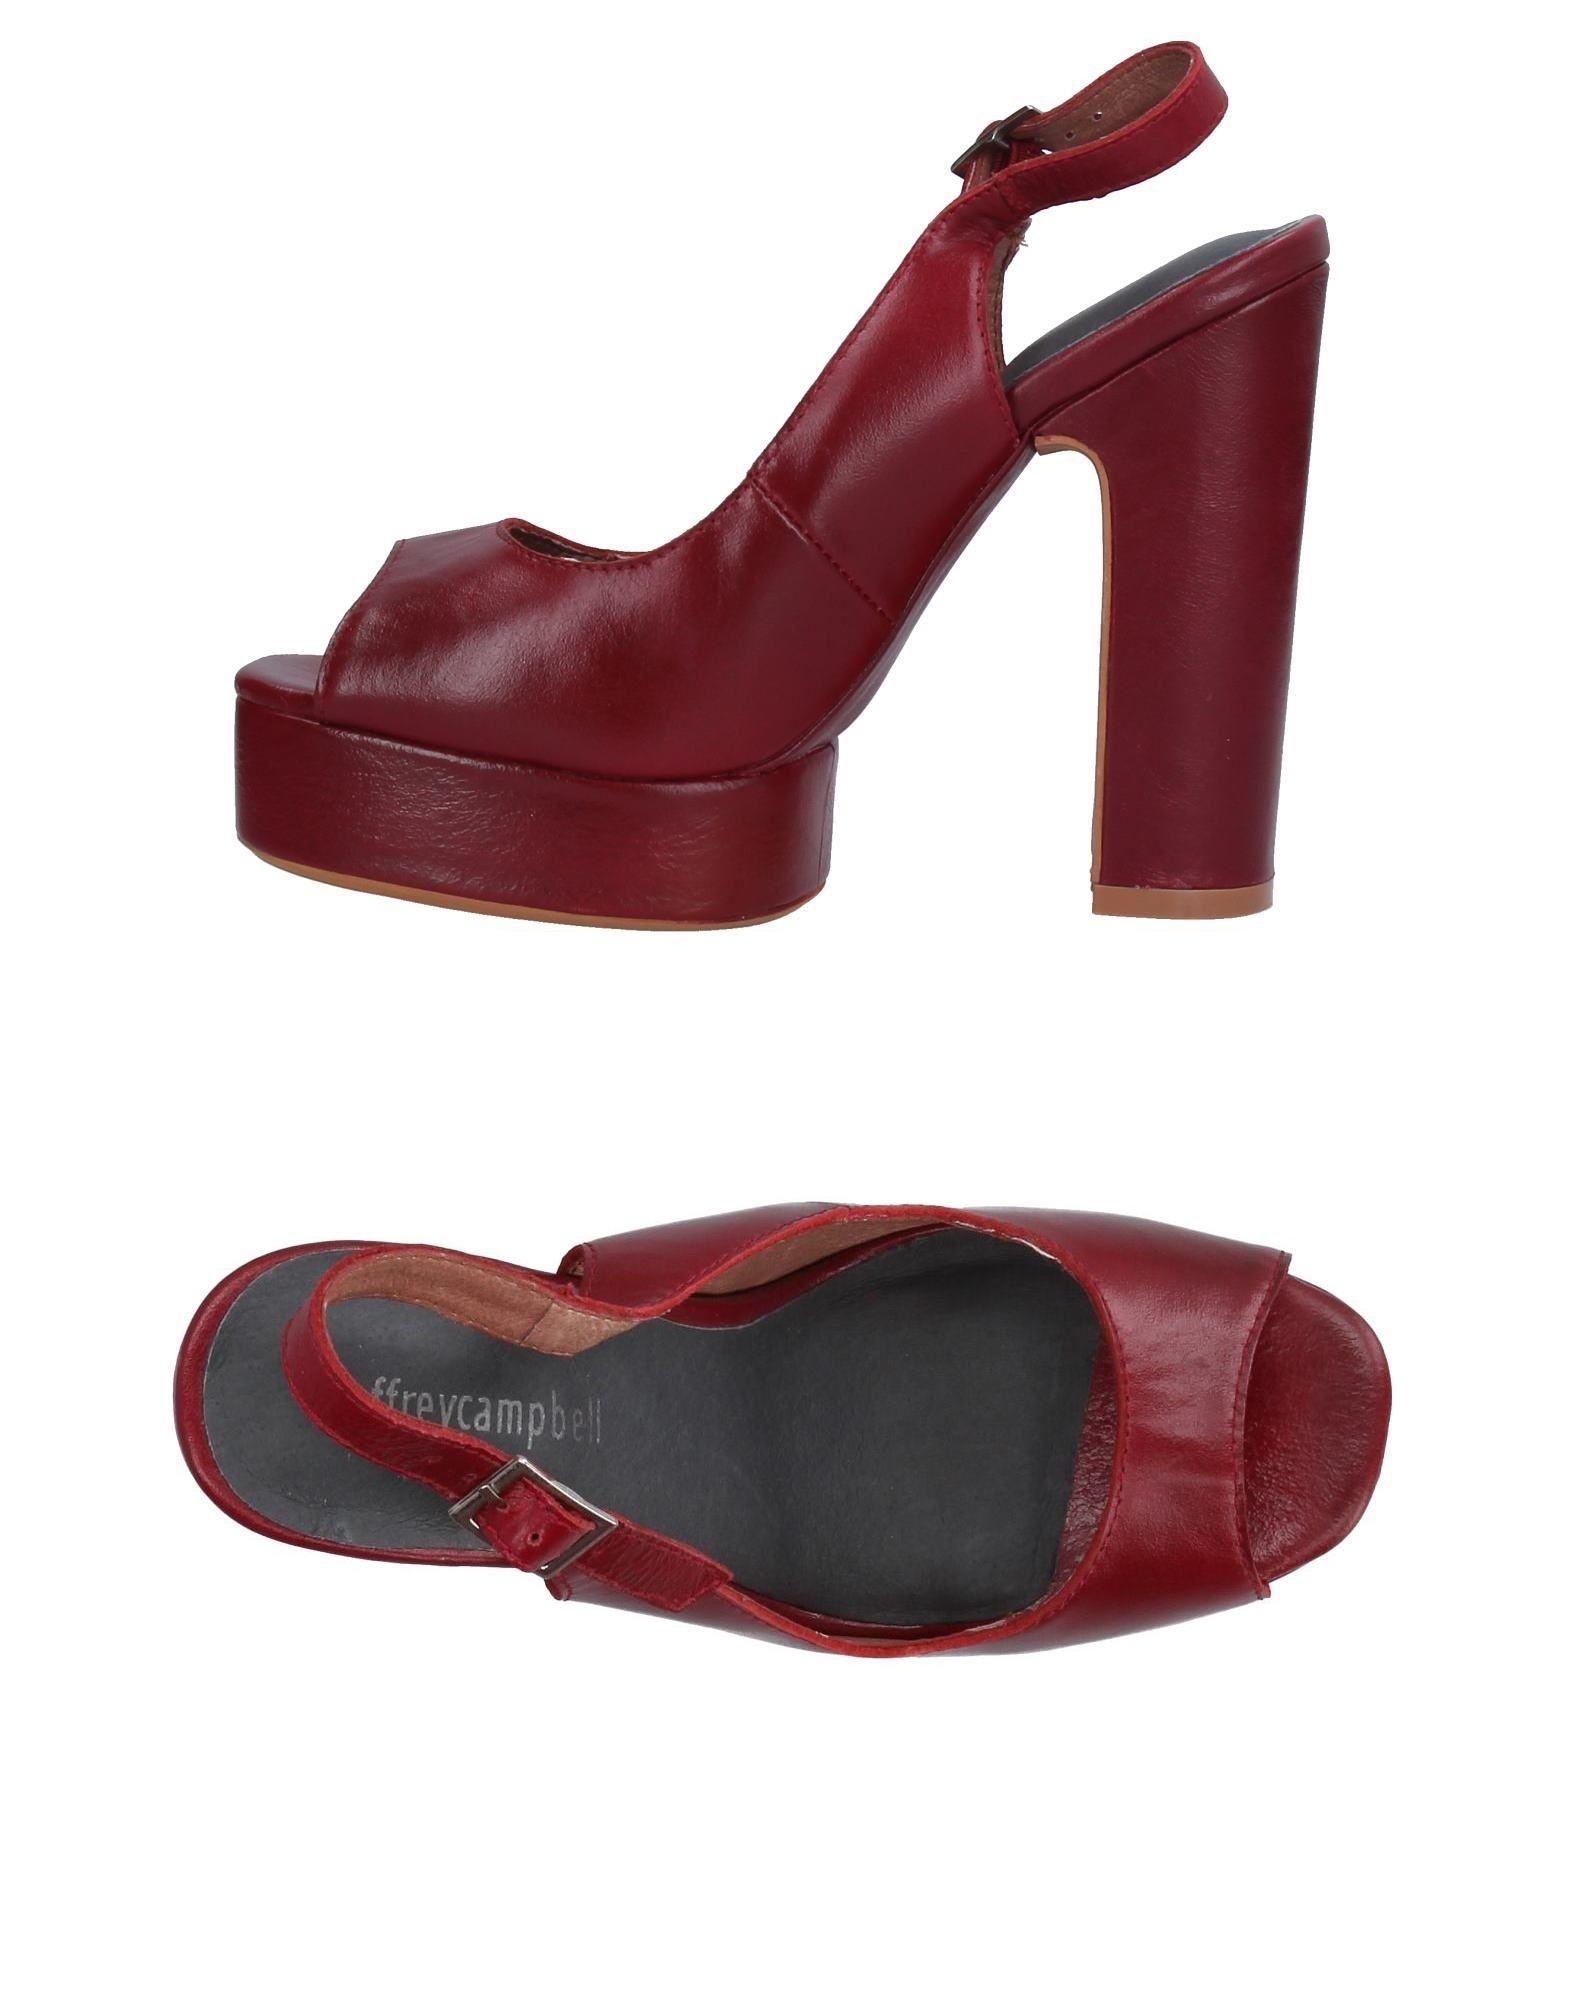 Jeffrey Campbell Sandalen Damen  11226661IE Gute Qualität beliebte Schuhe